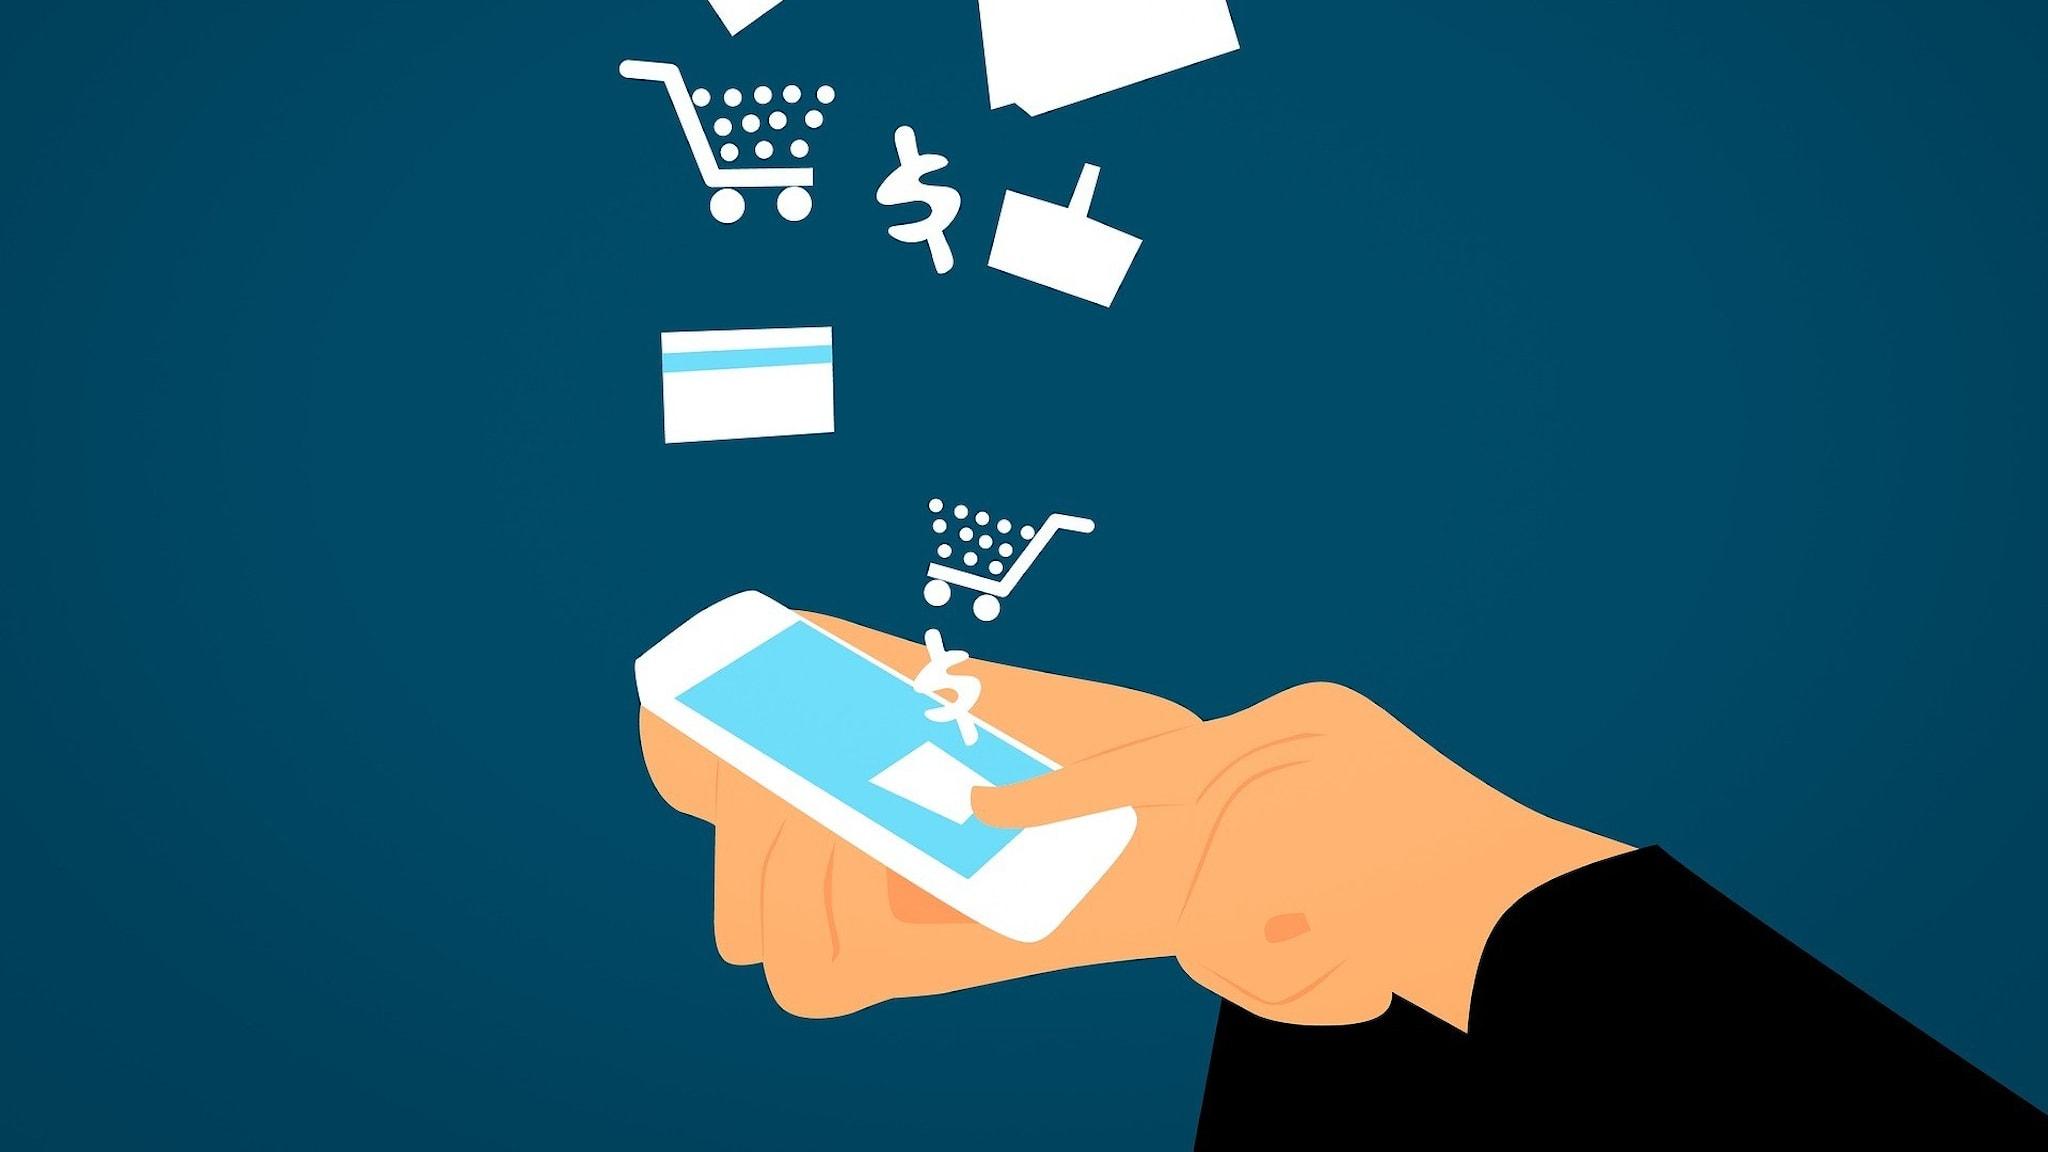 """En tecknad bild på en hand som håller i en mobiltelefon med olika saker som """"ramlar"""" ned i telefonen"""